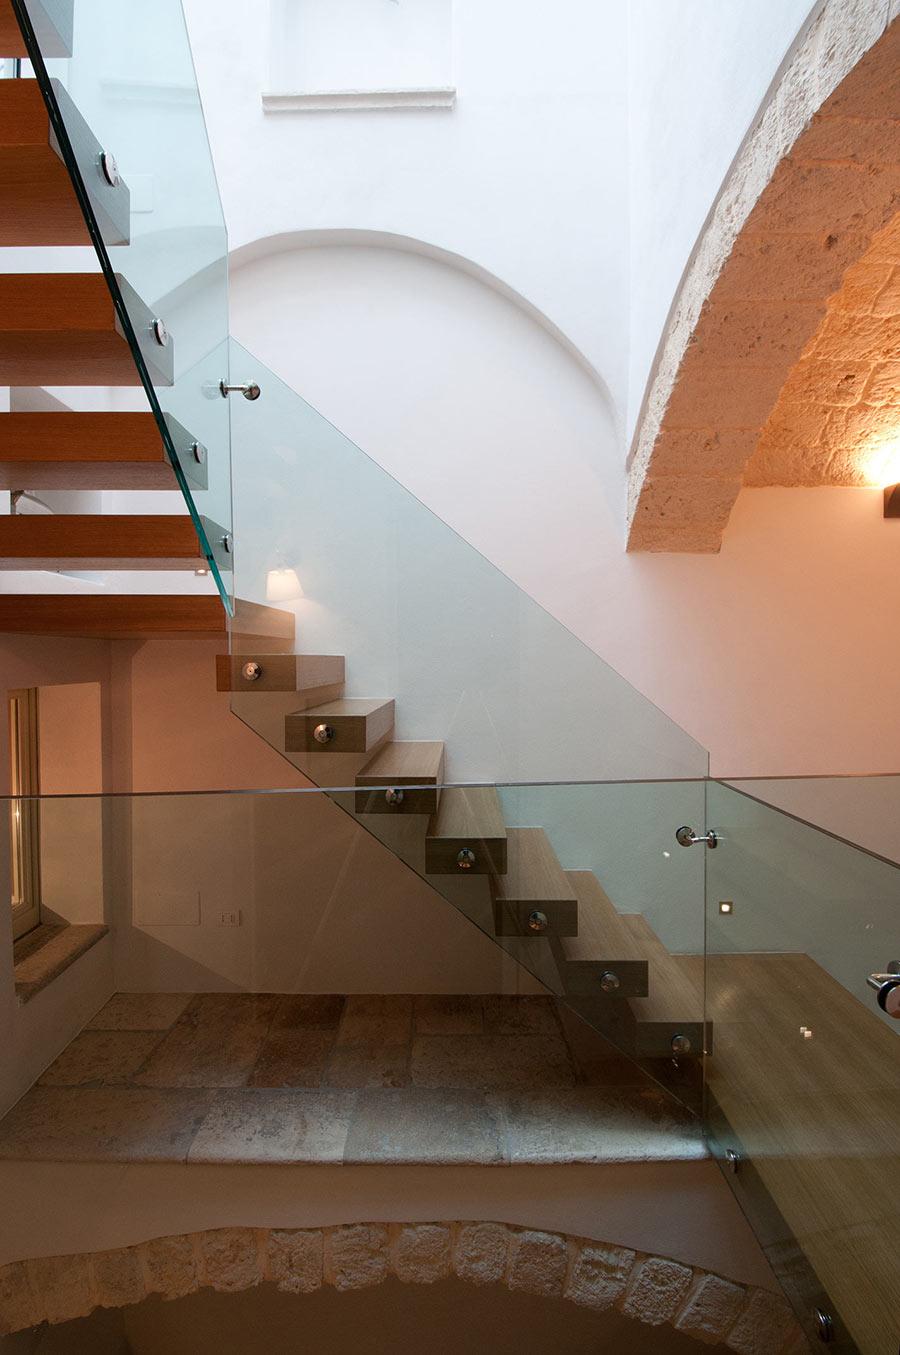 residenza-privata-bari-esseelle-9